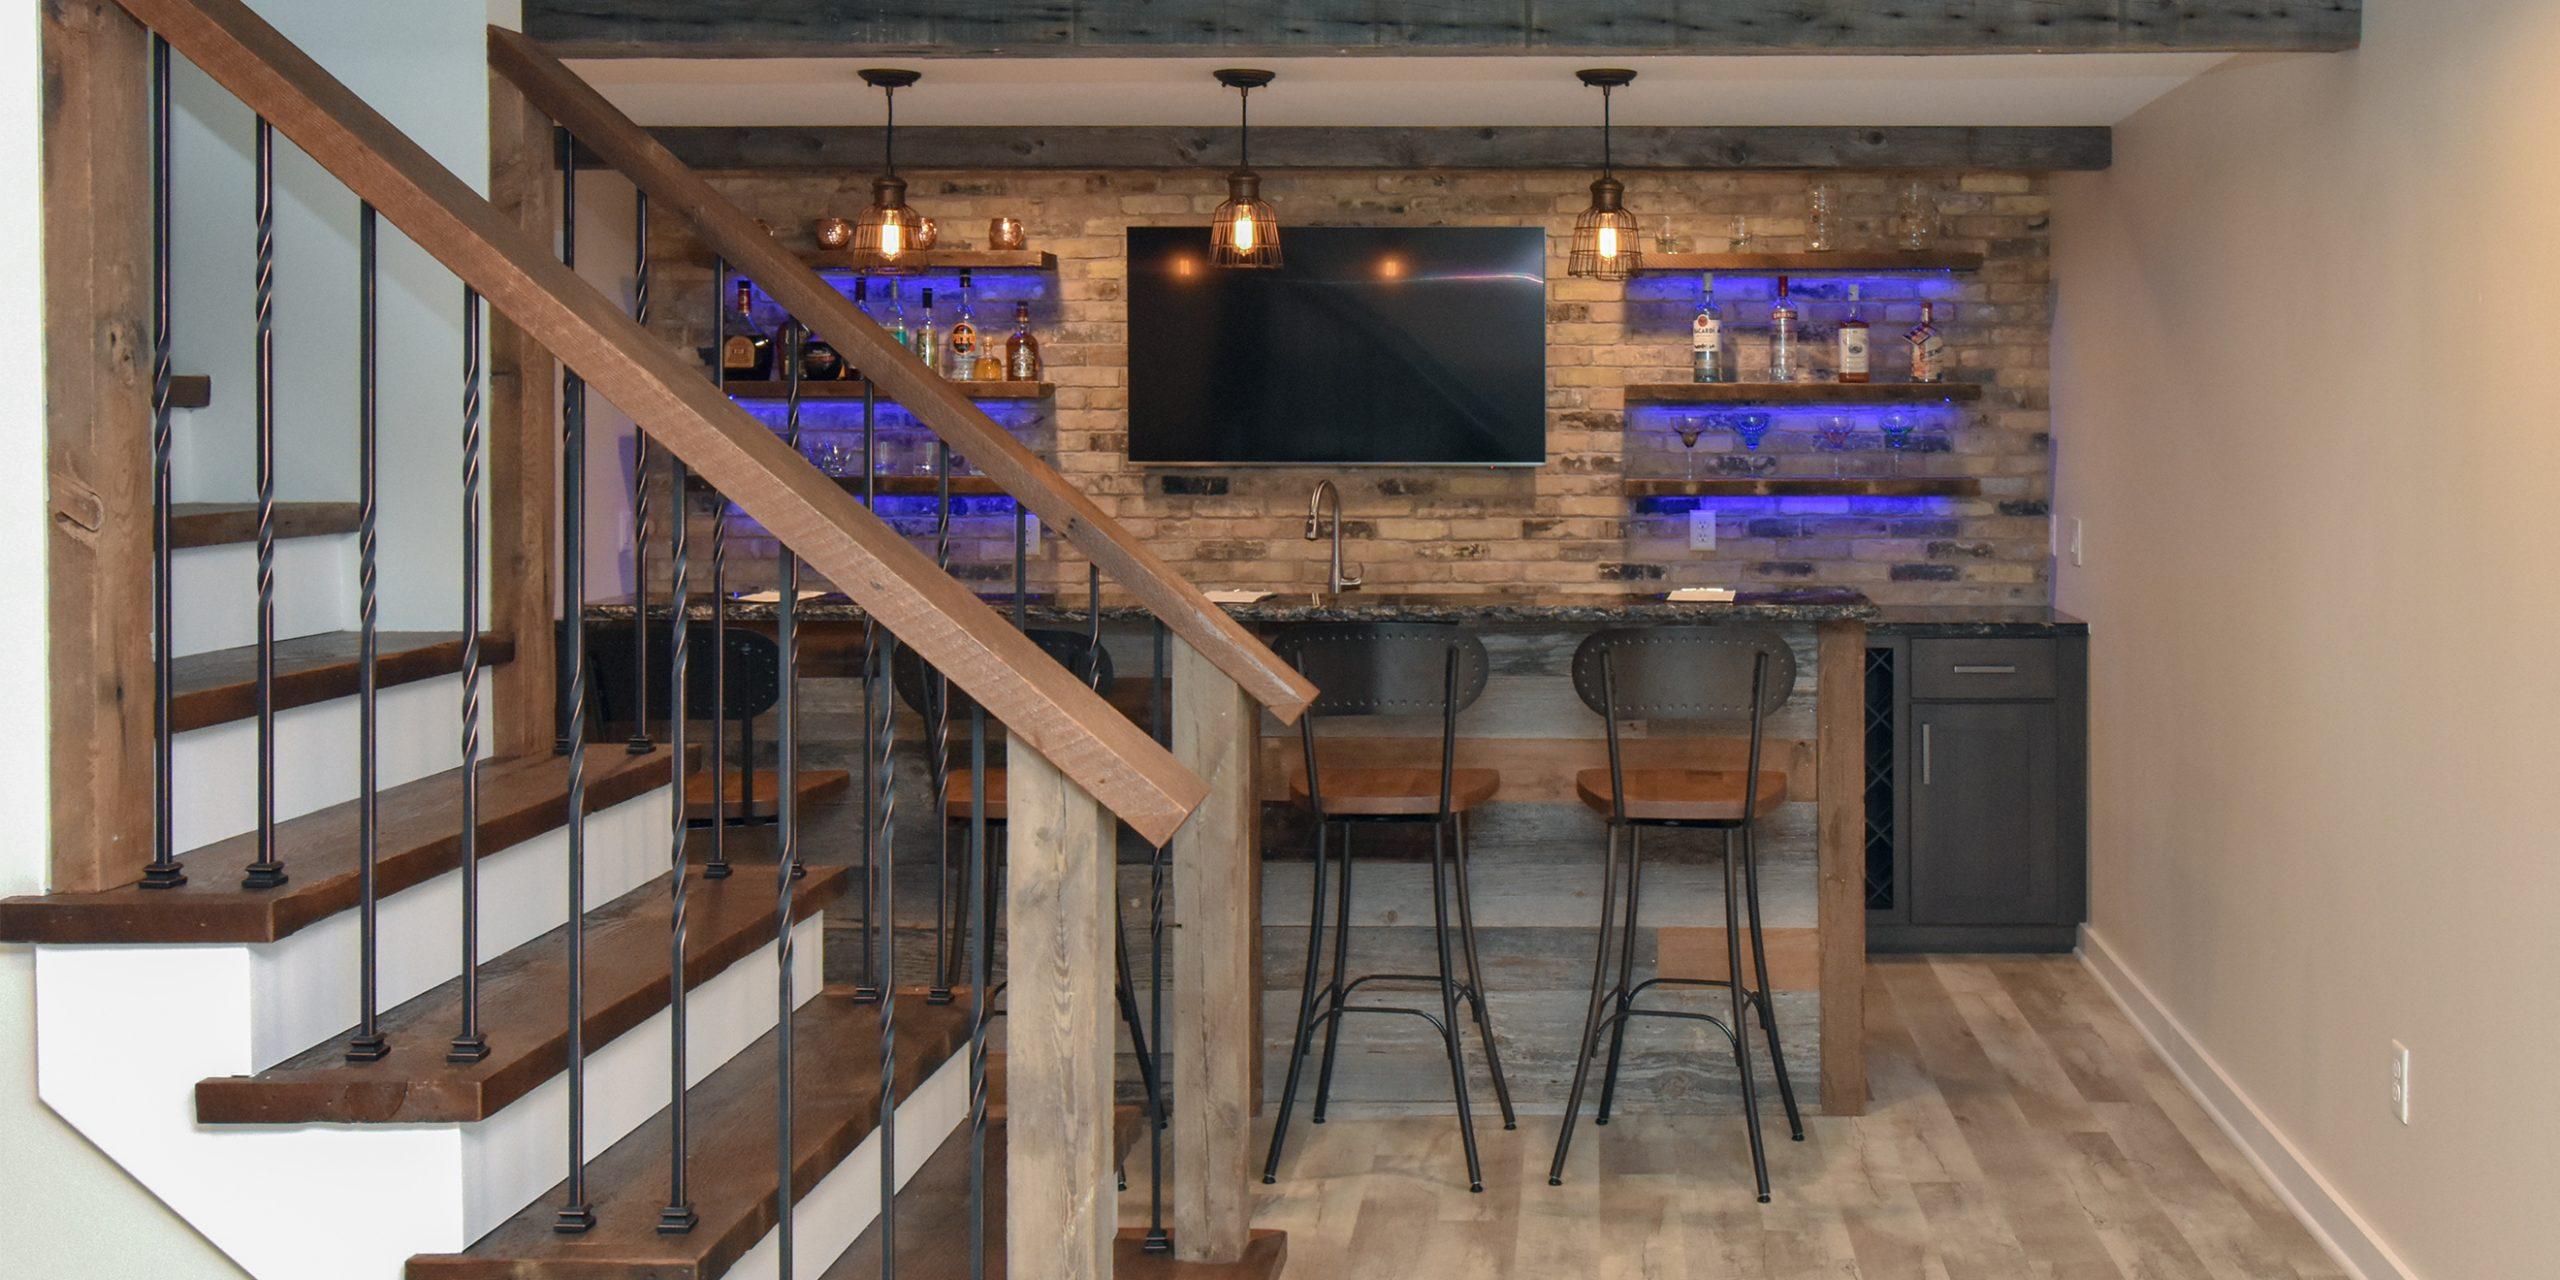 Mequon Swanky Barnwood Basement Bar